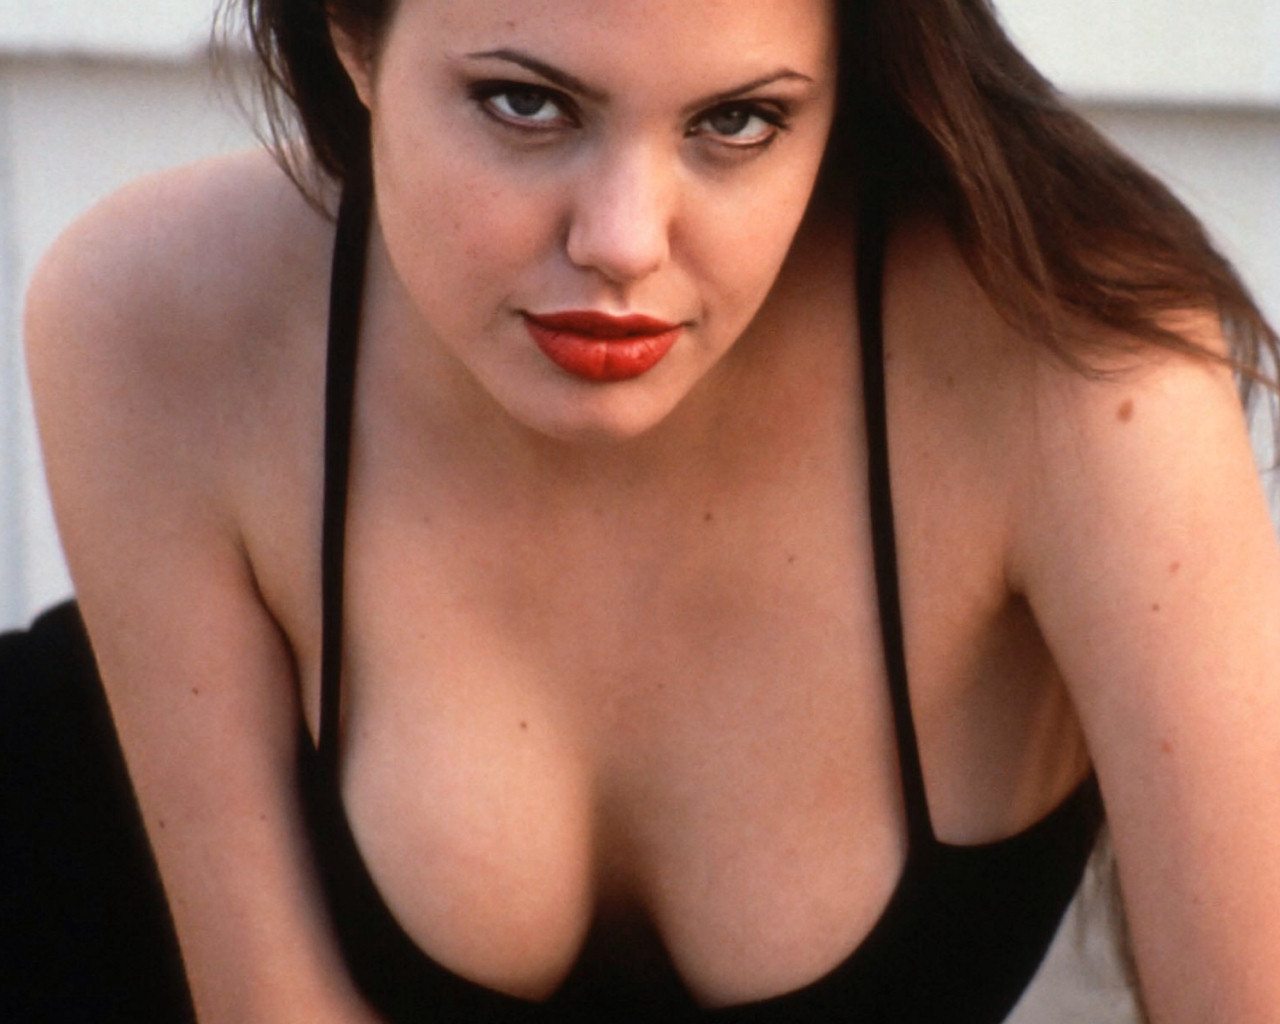 http://1.bp.blogspot.com/-ZSoPij4iMt4/TrrC9tLHGYI/AAAAAAAAE7E/CW3JwFyMufE/s1600/Angelina+Jolie+hot++7.jpg